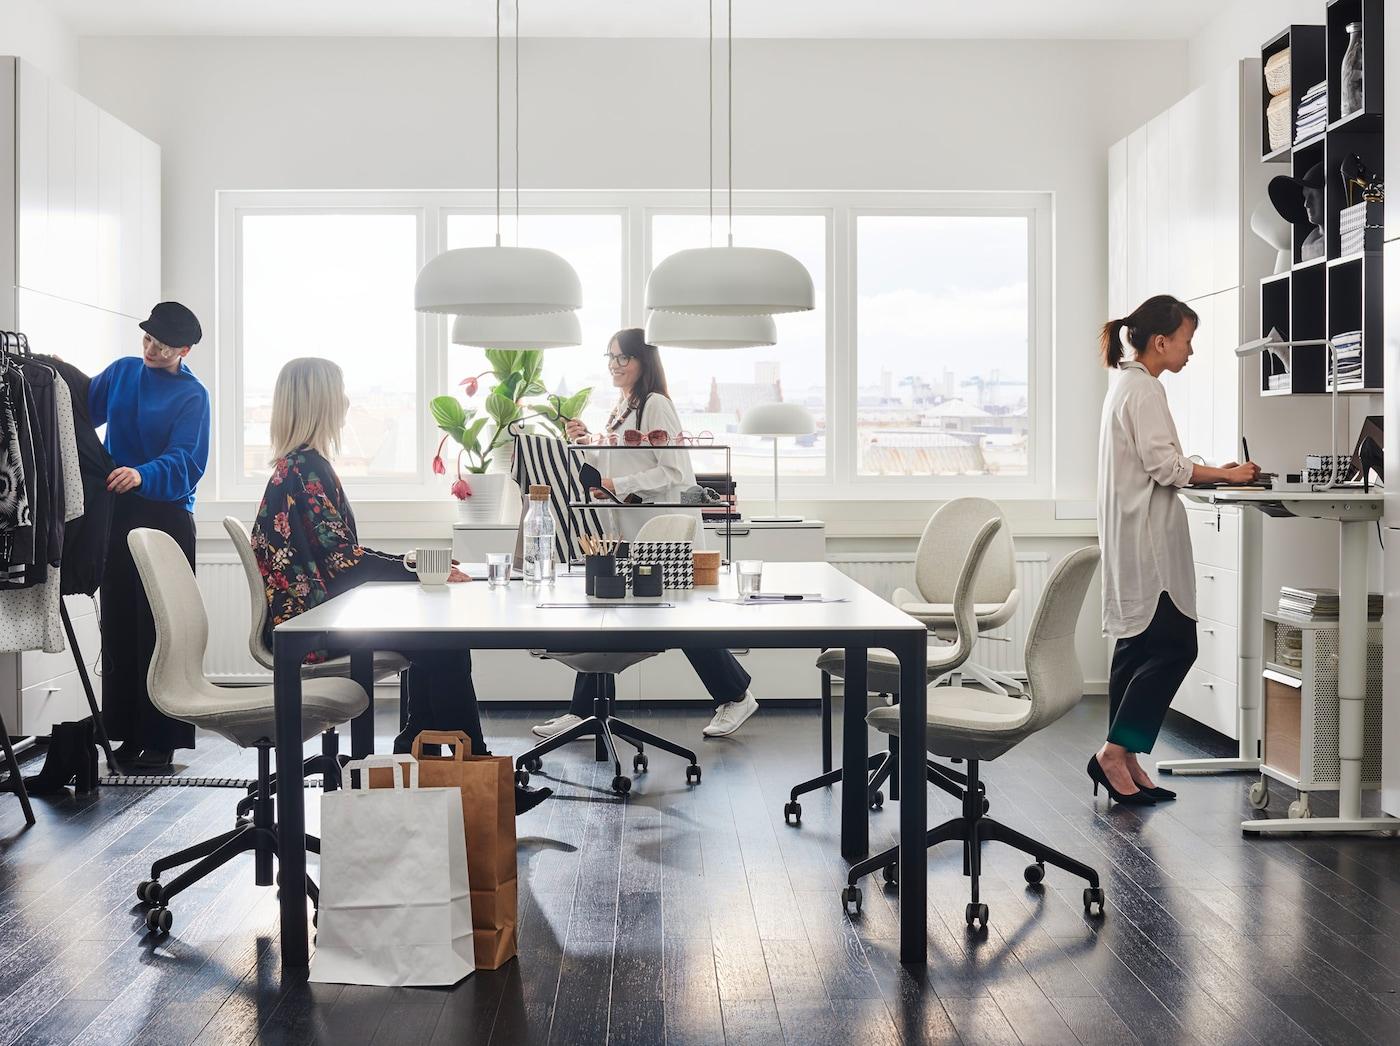 การจัดพื้นที่ออฟฟิศแบบร่วมสมัยสีขาว ประกอบด้วยโต๊ะกึ่งนั่งกึ่งยืนสีขาว BEKANT/บีแคนท์ และชั้นวางของสีดำ